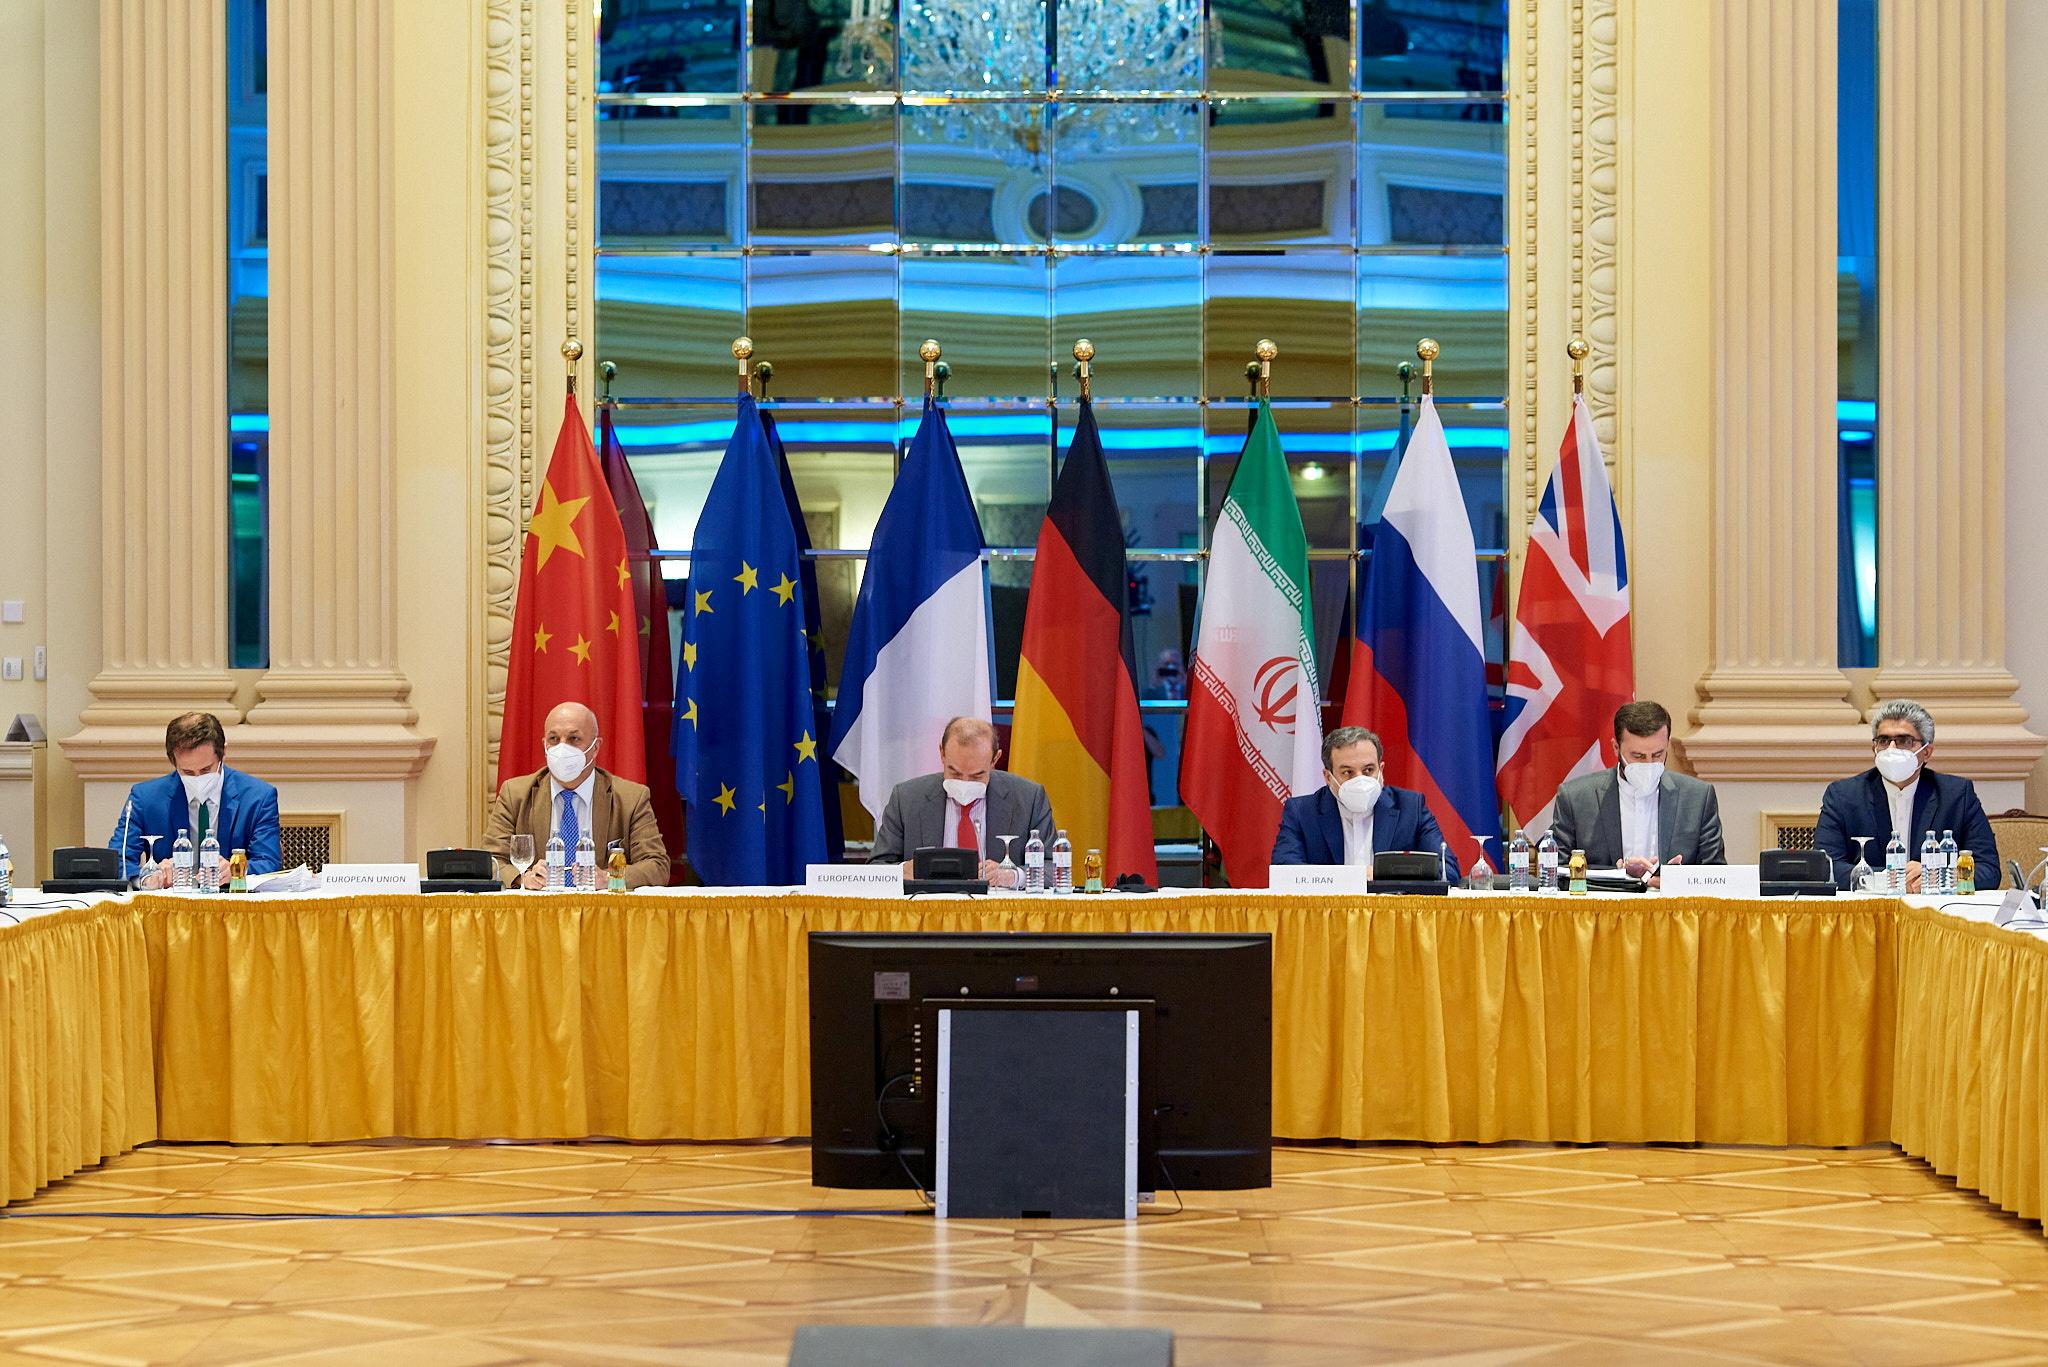 جو بایدن میگوید ایالاتمتحده به توافق هستهای بازمیگردد «اگر ایران نیز همین کار را انجام دهد»